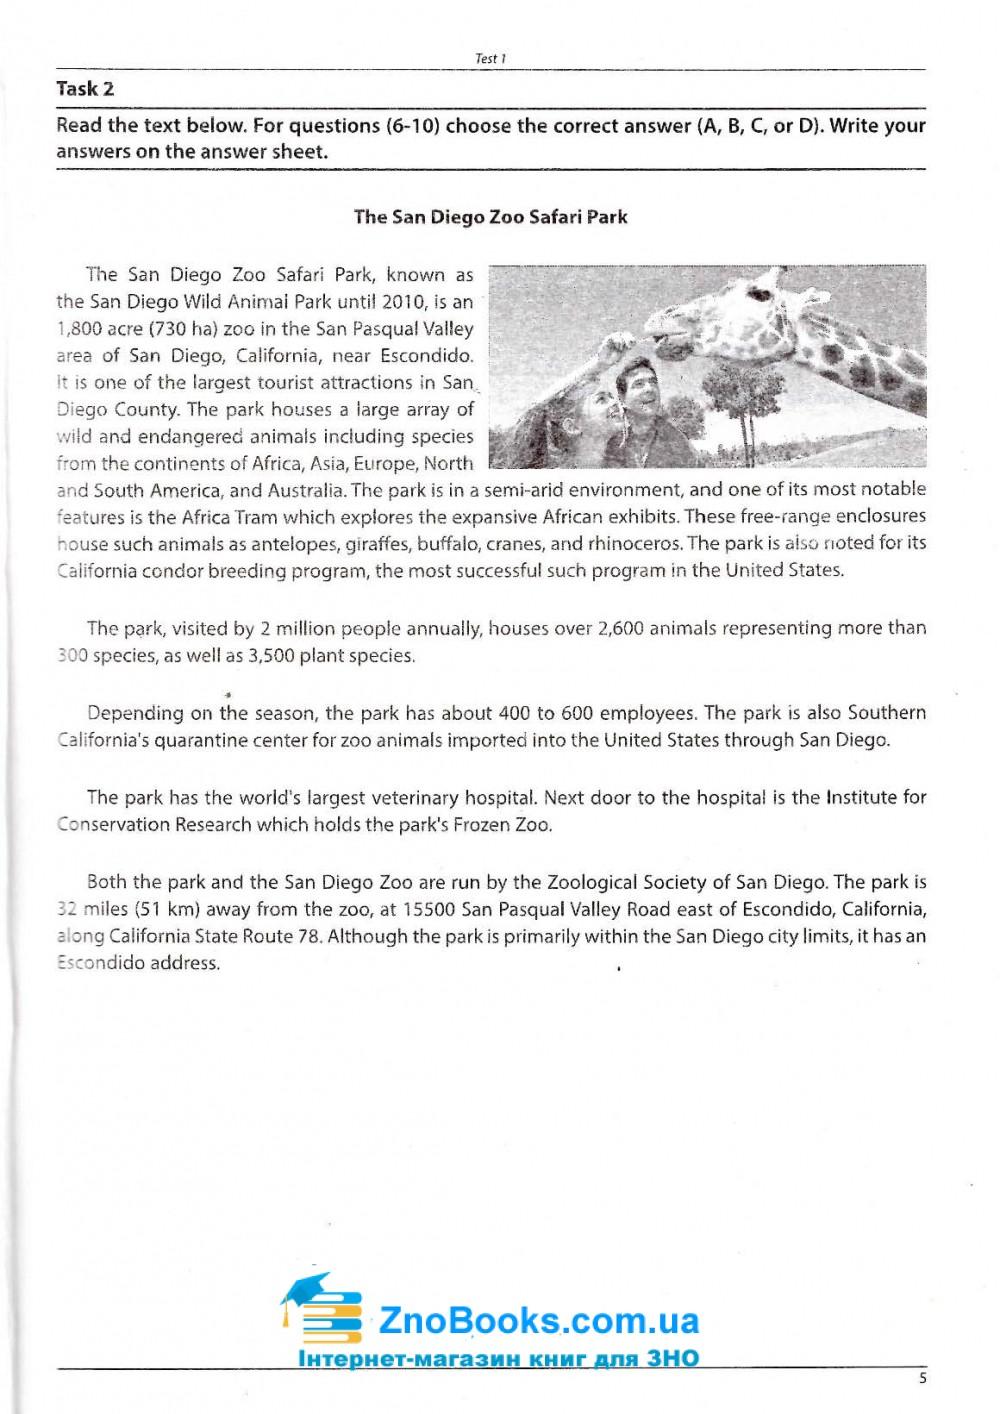 Англійська мова ЗНО 2019. Комплексні тести (20 варіантів тестів у форматі ЗНО). Авт: Євчук О., Доценко І. Вид-во: Абетка. купити 5